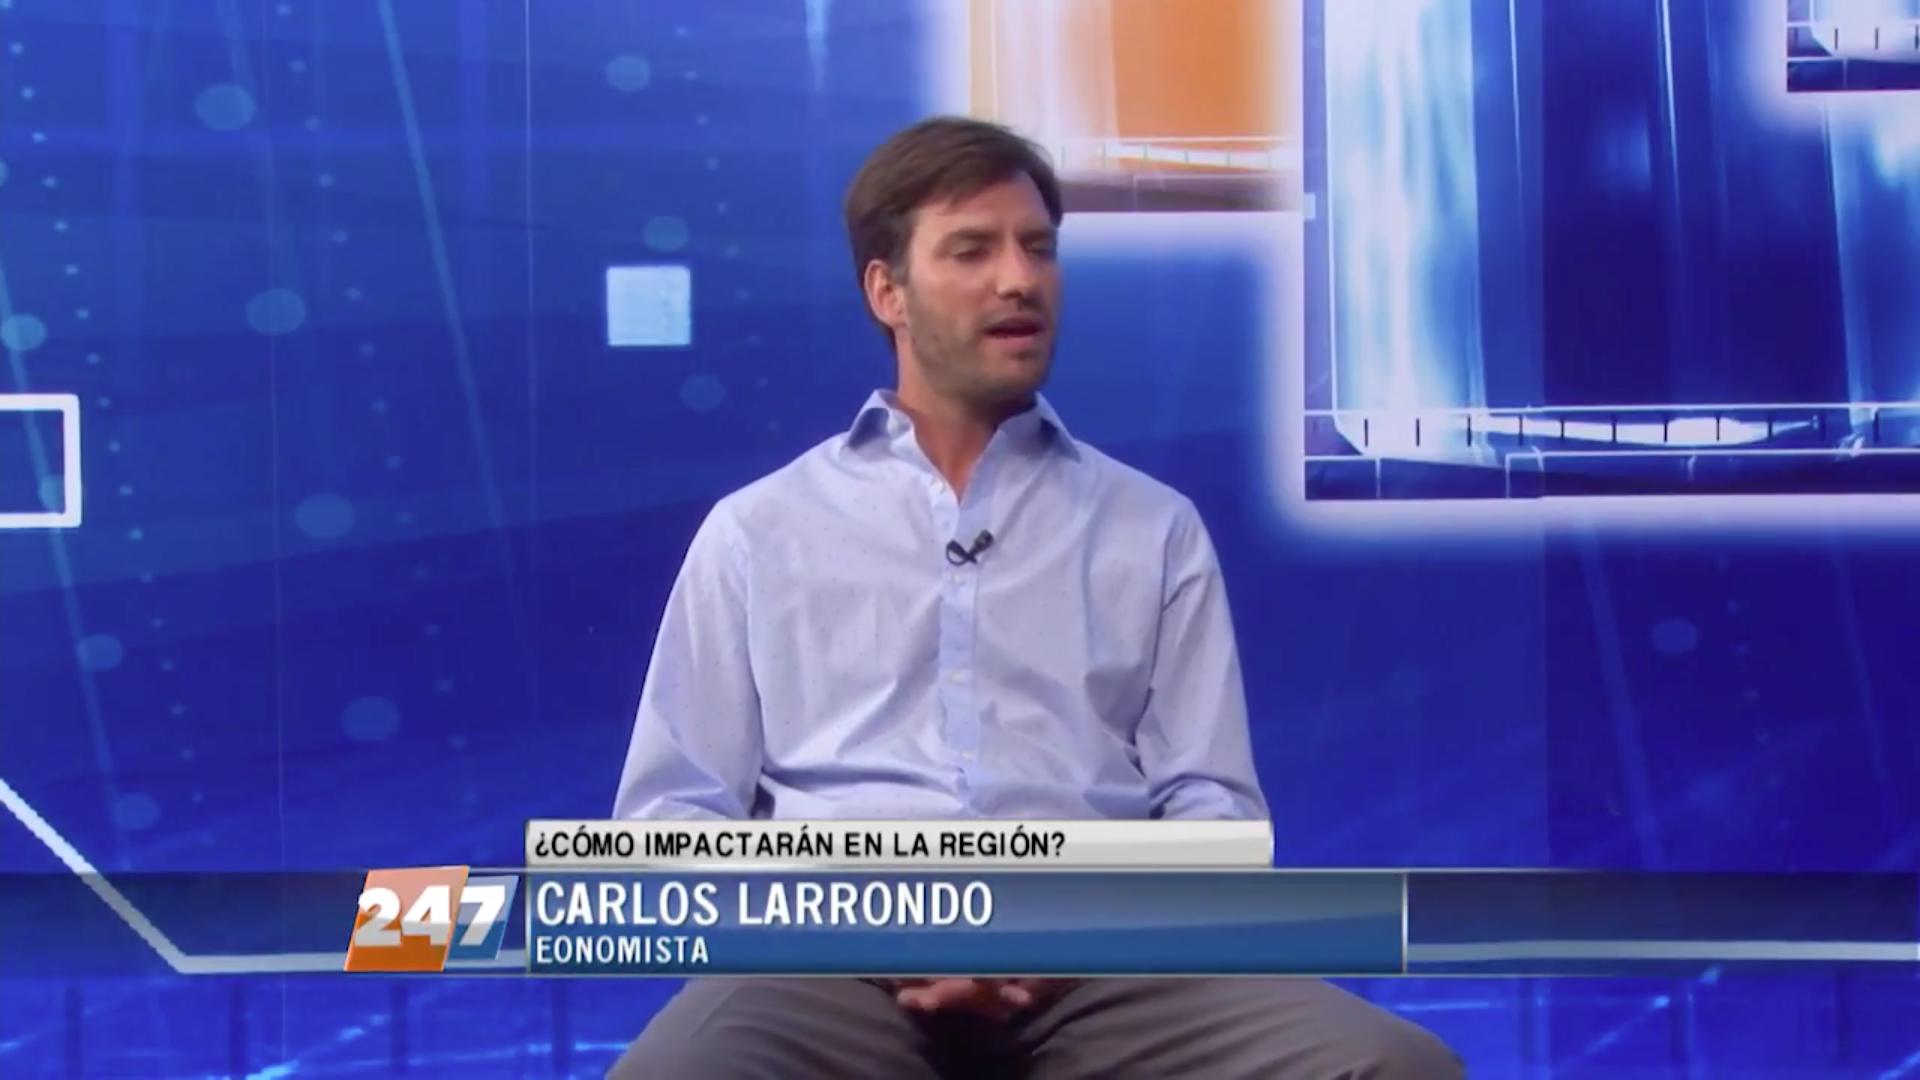 Entrevista en Noticiero Central de 24/7 Canal de Noticias